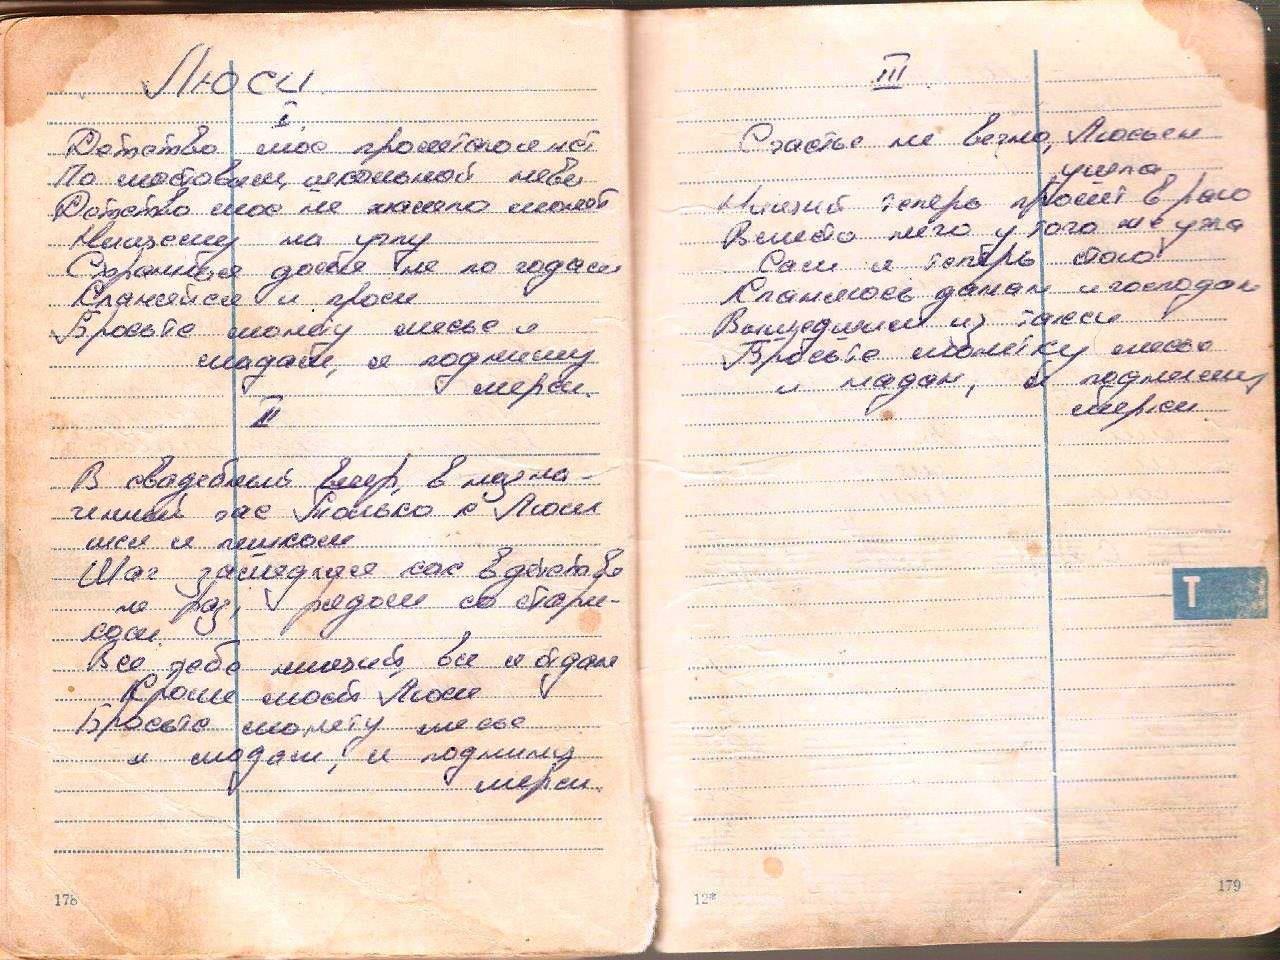 http://cubanos.ru/_data/gallery/foto031/ns063.jpg